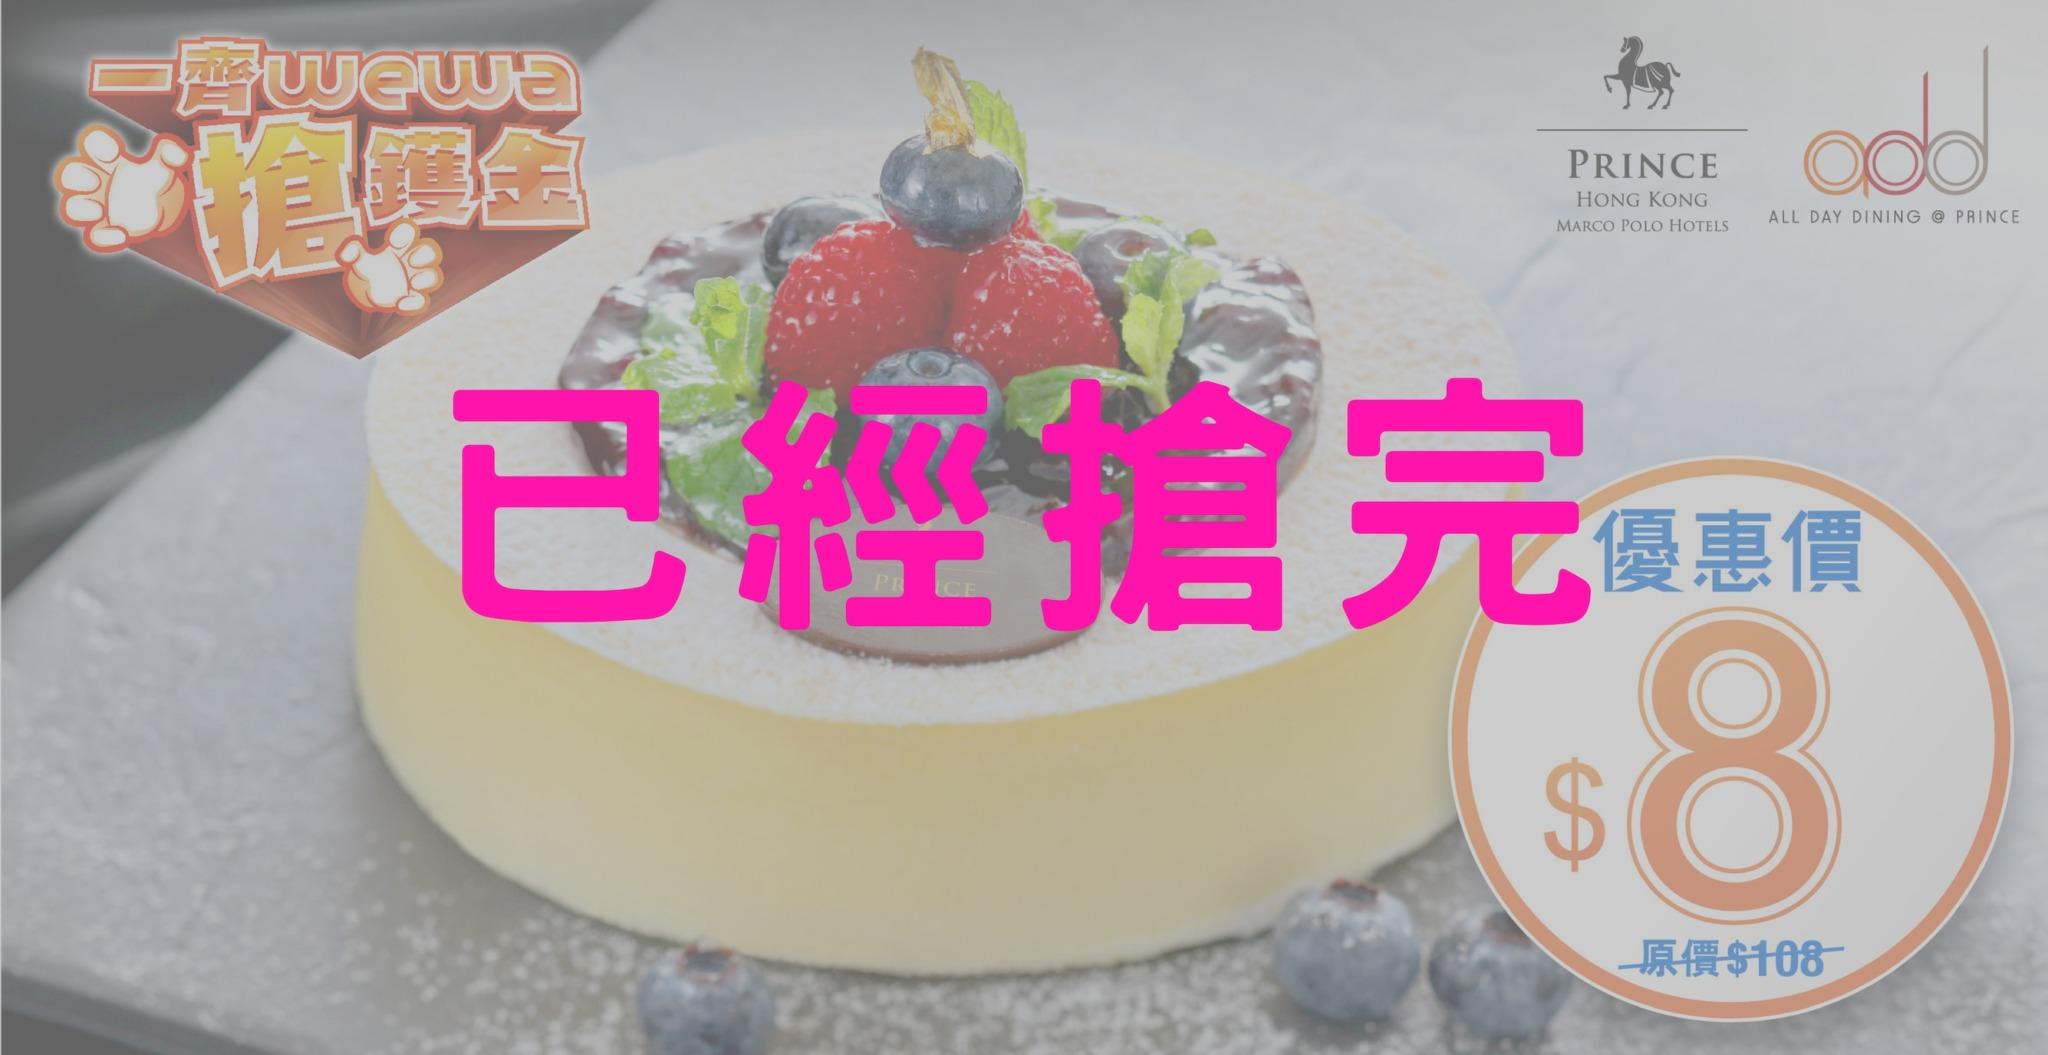 一齊WeWa搶鑊金:HK$8 太子酒店招牌藍莓芝士餅已經搶完啦!